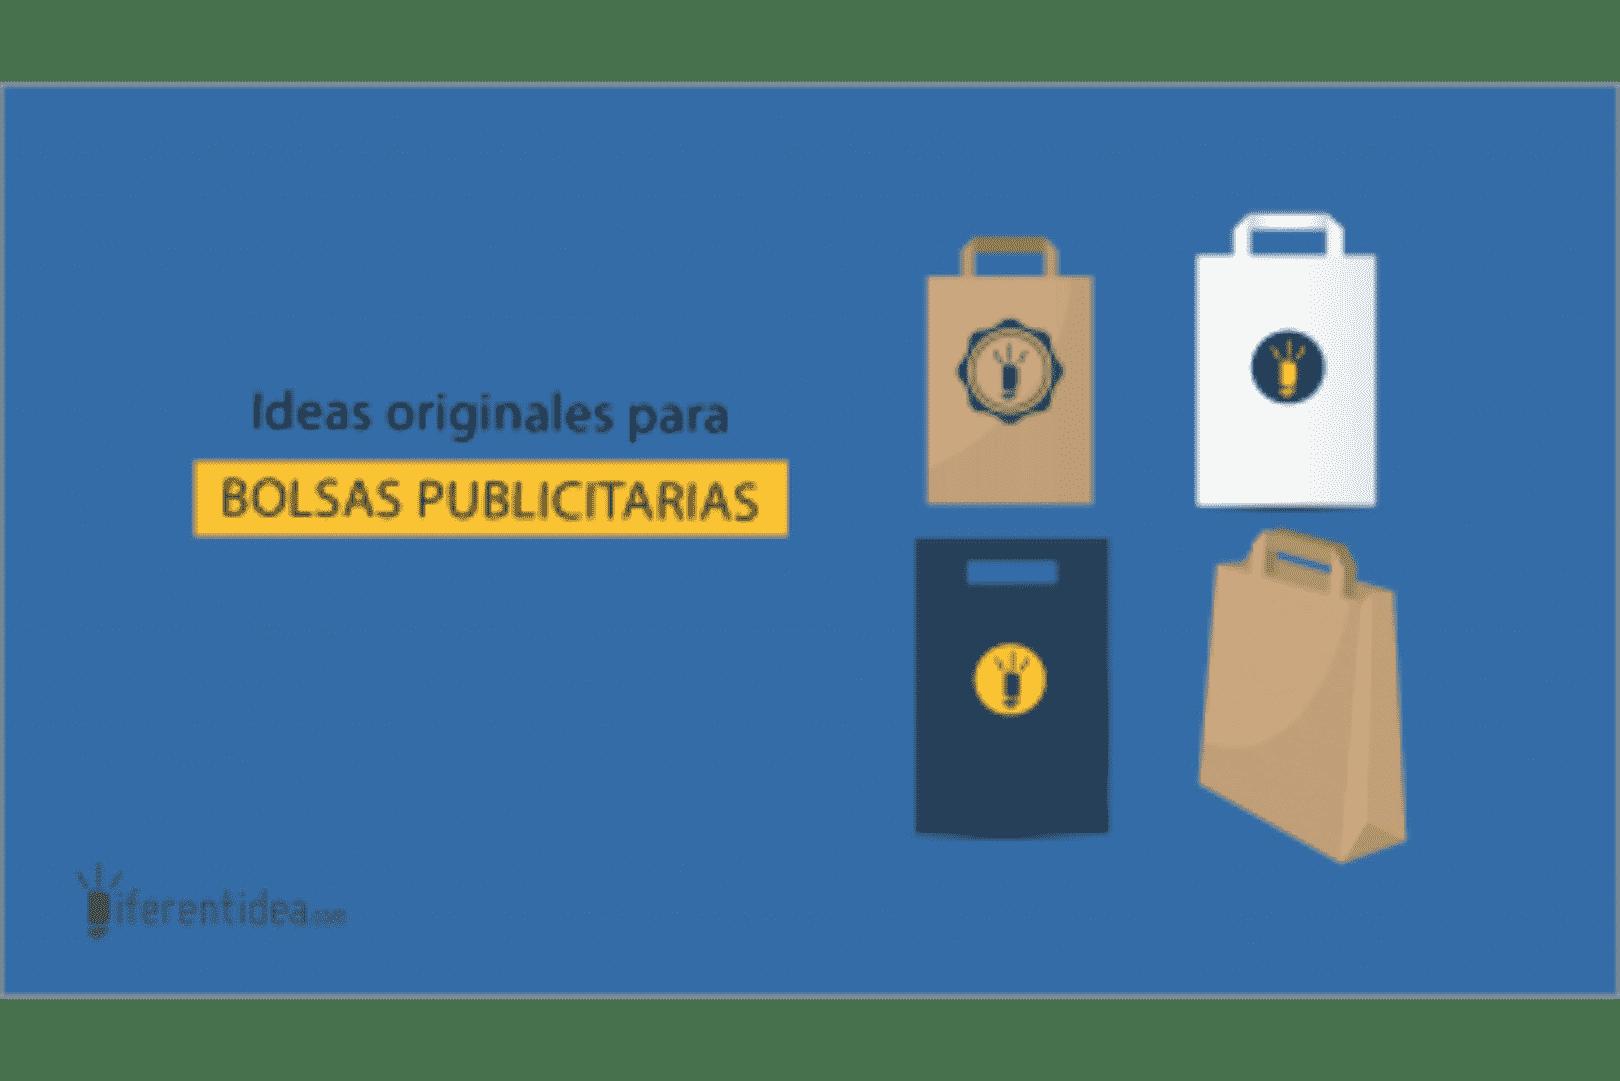 lg-b-ideas originales para bolsas publicitarias personalizadas y llamativas.docx